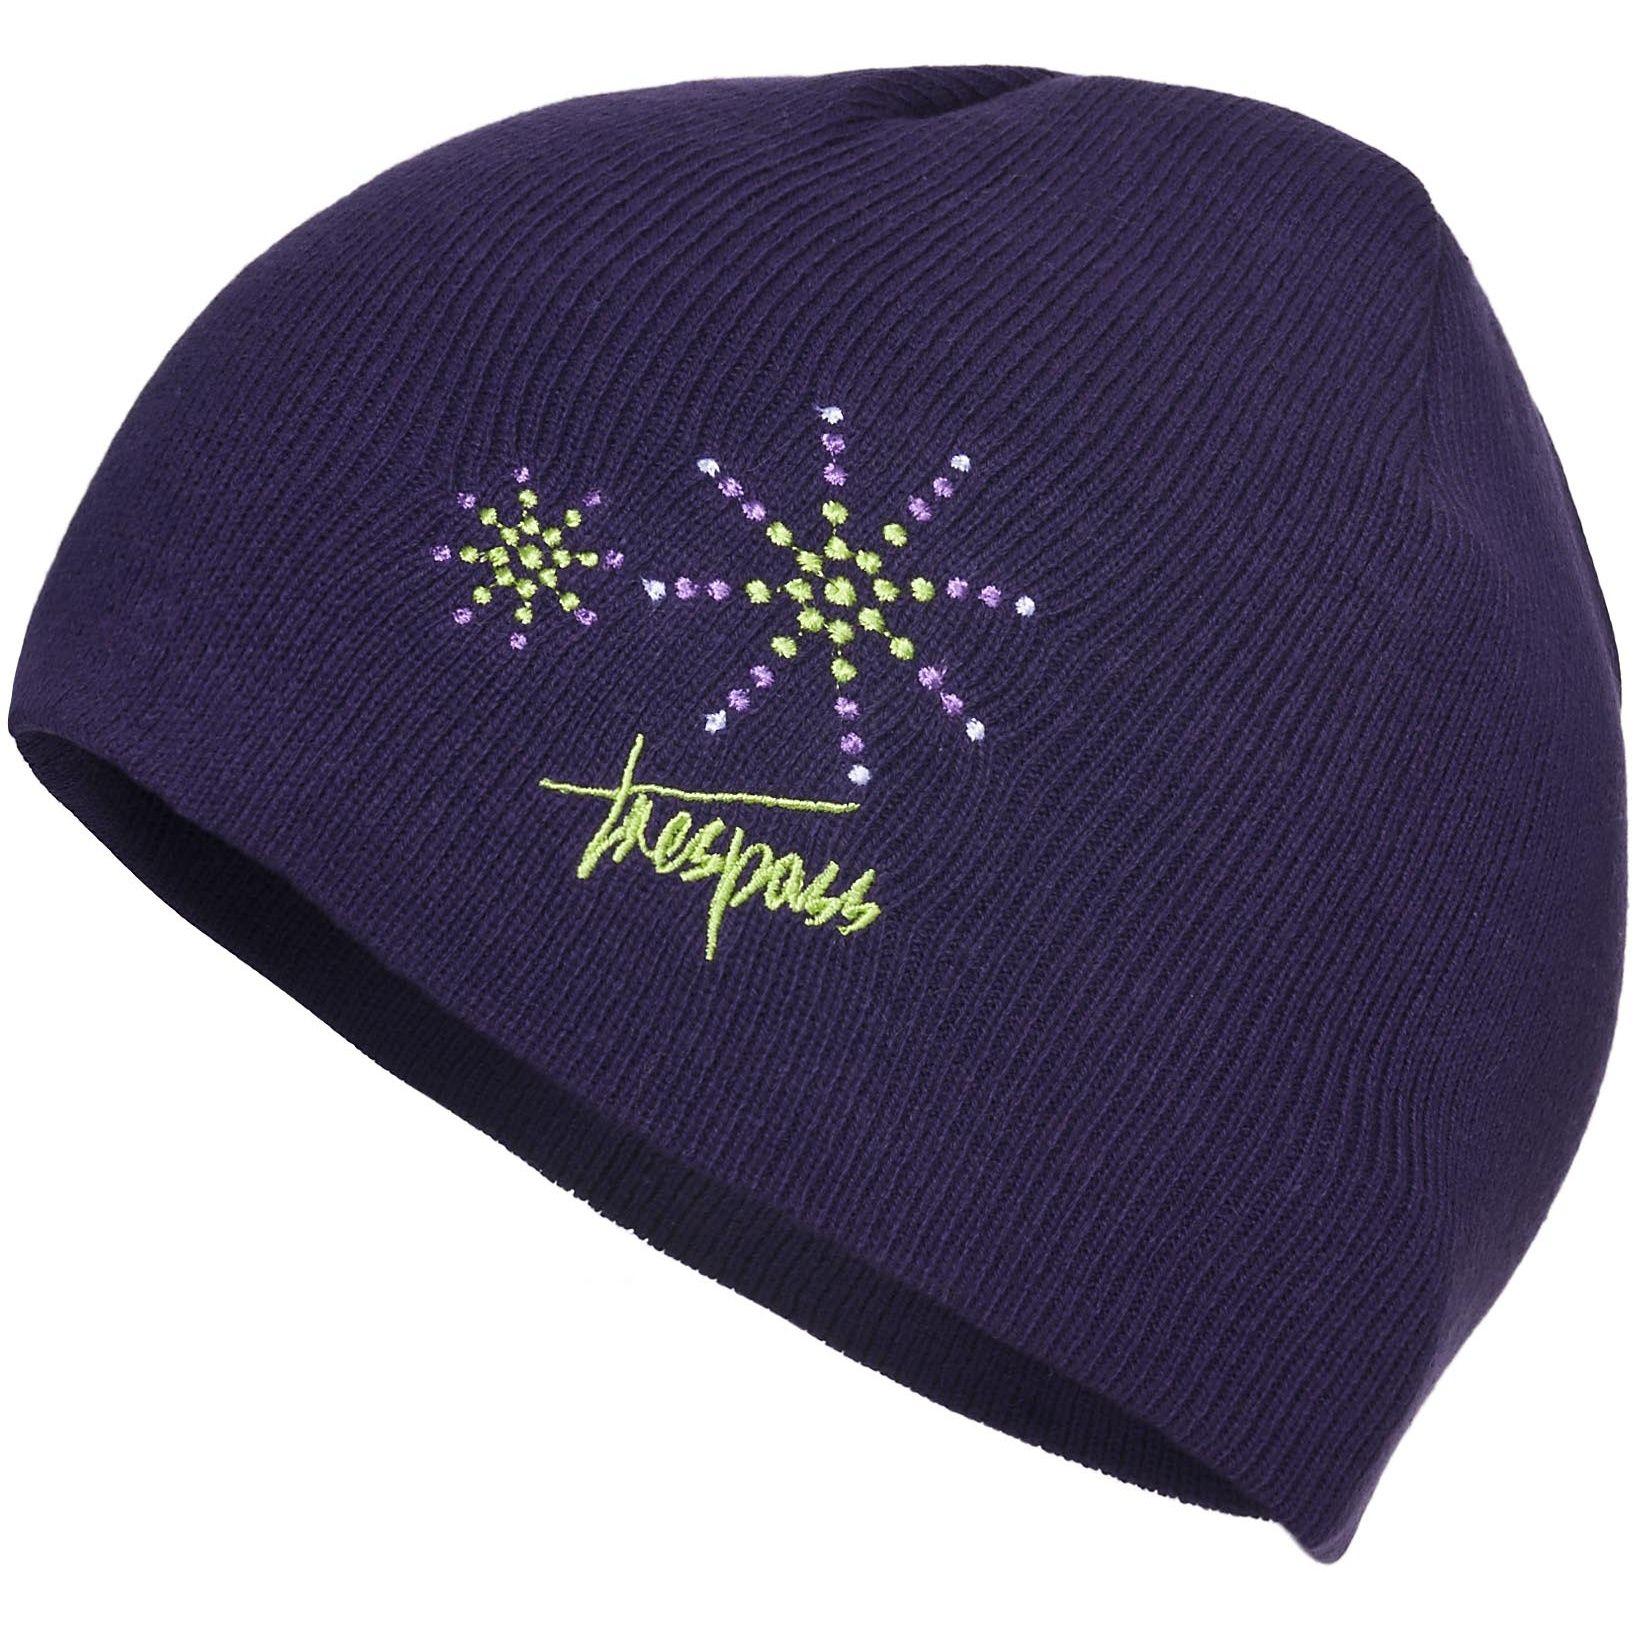 Trespass Childrens Girls Sparkle Knitted Beanie Hat